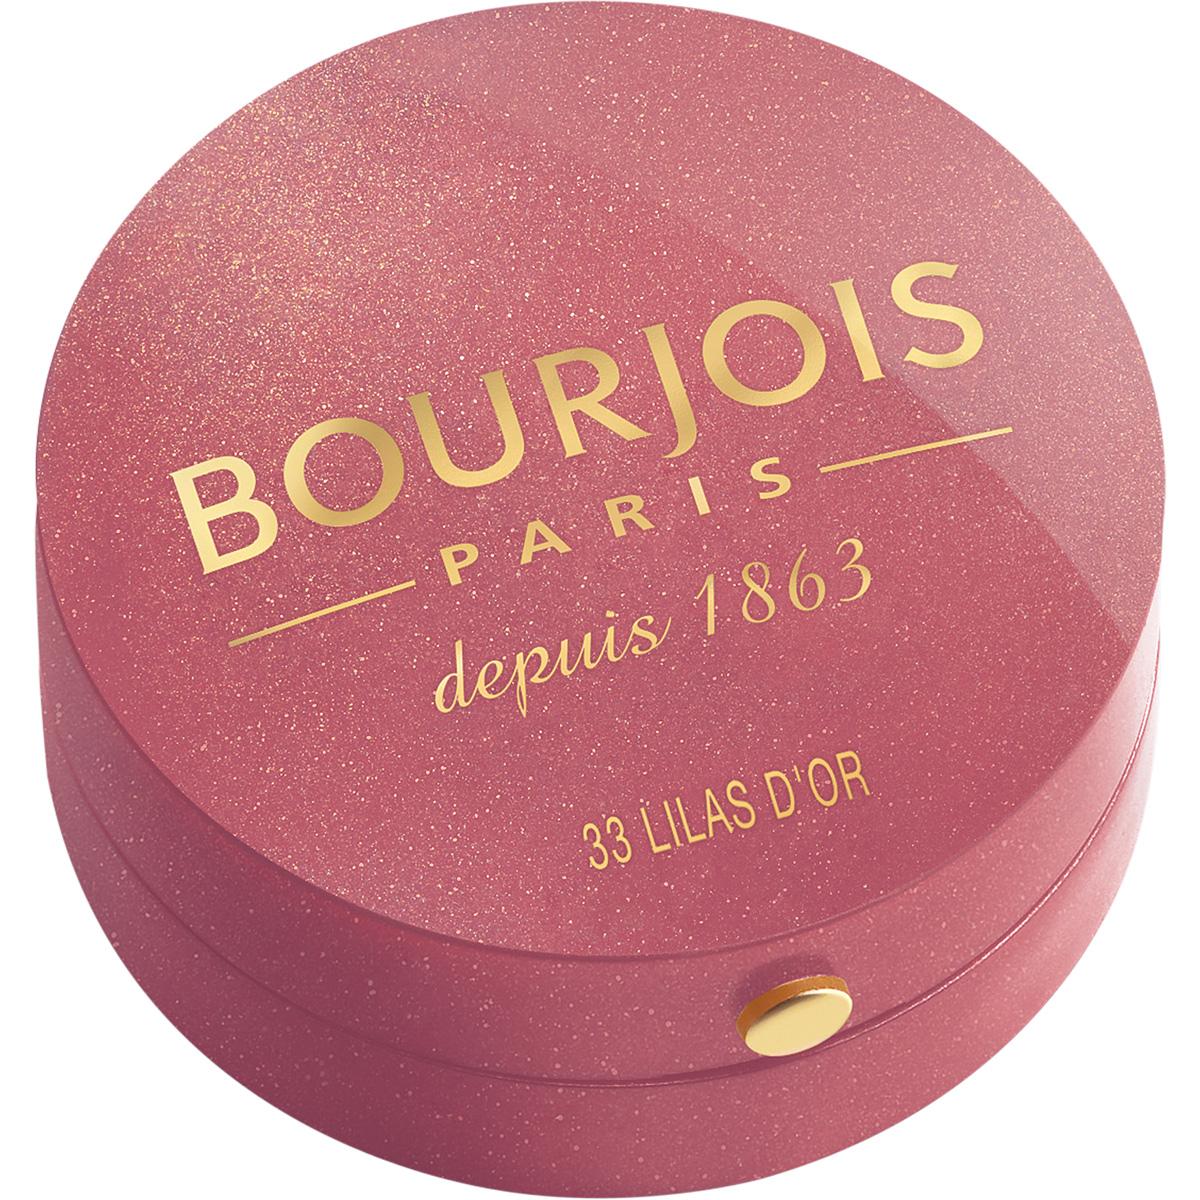 Bourjois Румяна blush 33 тон 2 мл29101562033Шелковая текстура румян при соприкосновении с кожей превращается в легкую, бархатистую пудру. Румяна невероятно легко наносятся и идеально ложатся. Твоя кожа выглядит потрясающе! Нежнейшая кисточка из натурального колонка творит чудеса! Потрясающая отдушка с ароматом розы, характерная для румян Bourjos, создает настроение легкости, а встроенное зеркальце облегчает нанесение. Cтолько соблазна в одной маленькой круглой баночке!